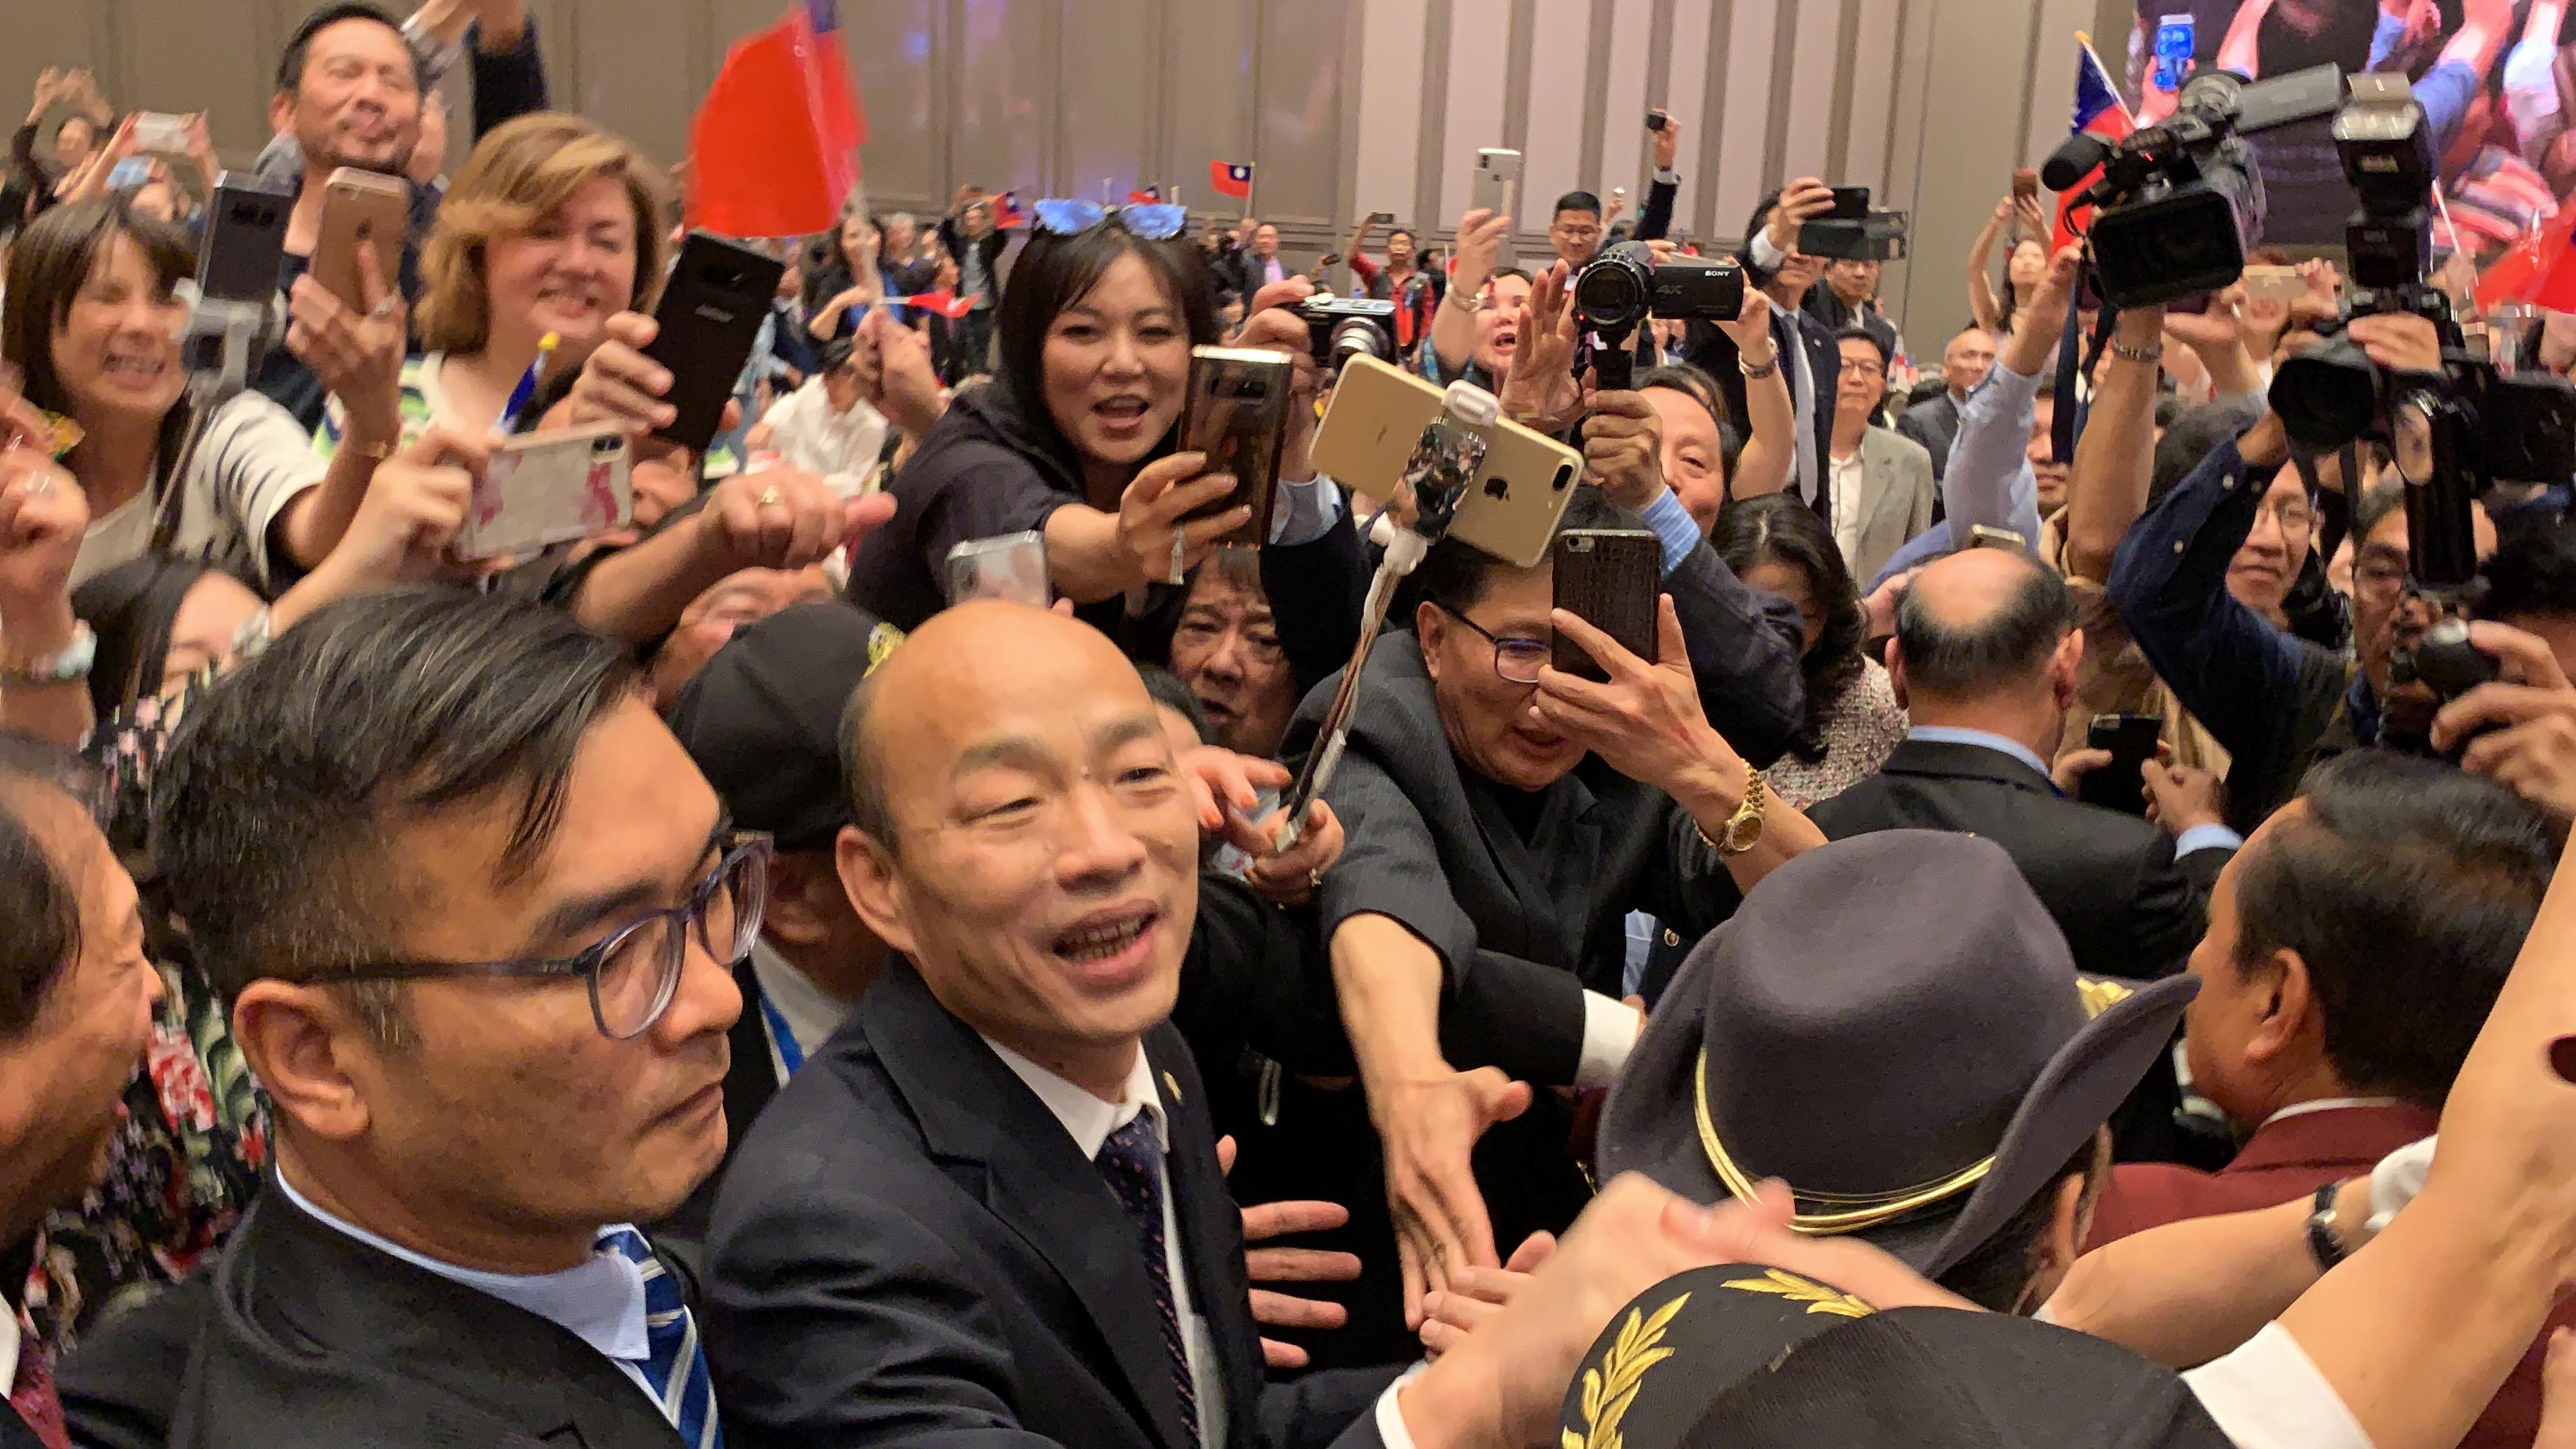 韓國瑜抵達晚宴會場時受到熱烈歡迎,被上百位民眾簇擁著緩慢前進。記者黃品瑄攝